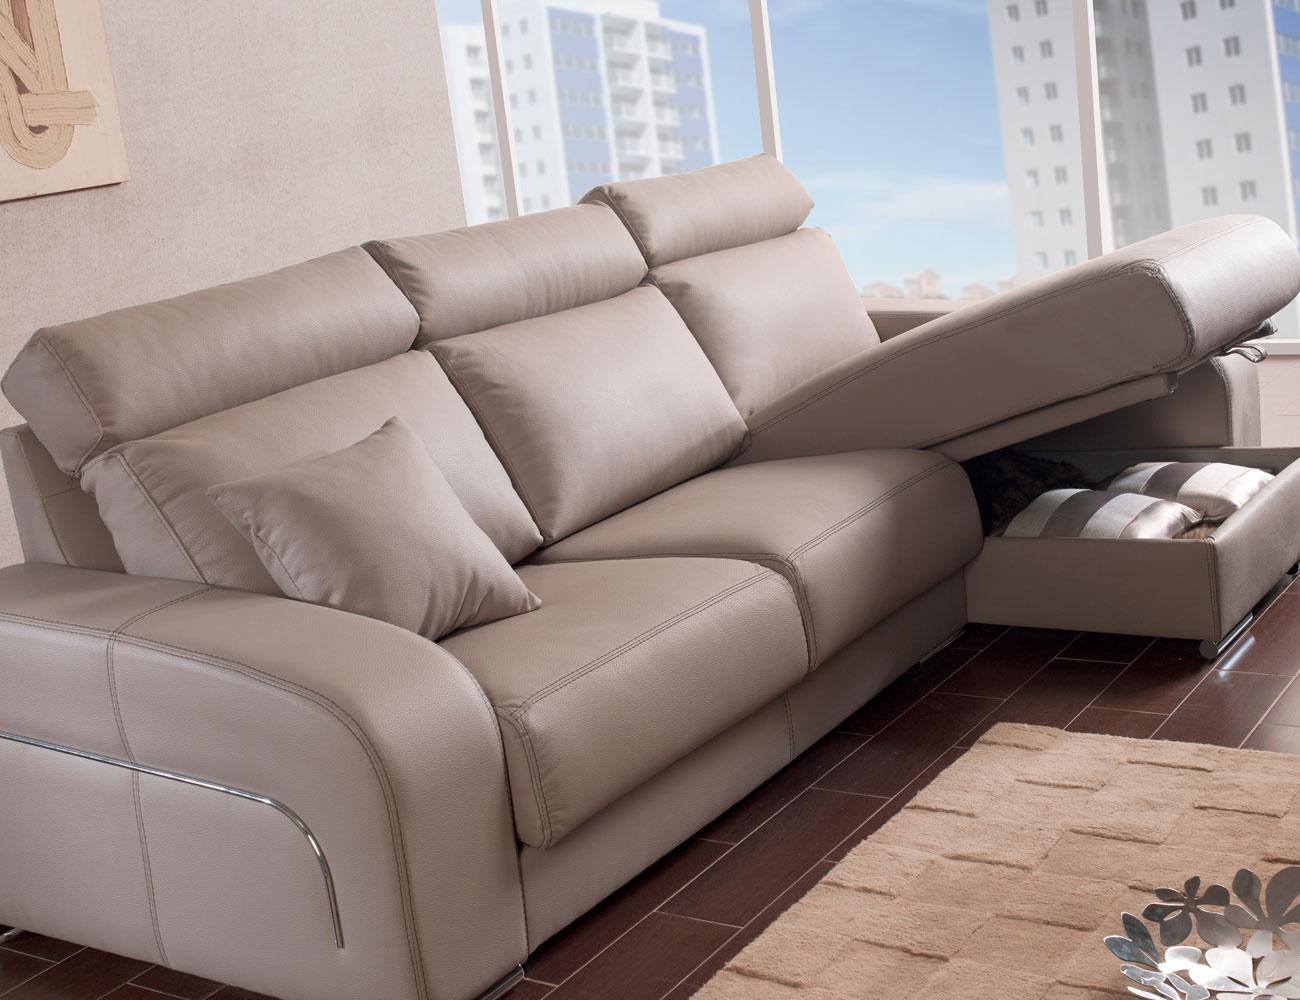 Sofa chaiselongue moderno pared cero arcon5